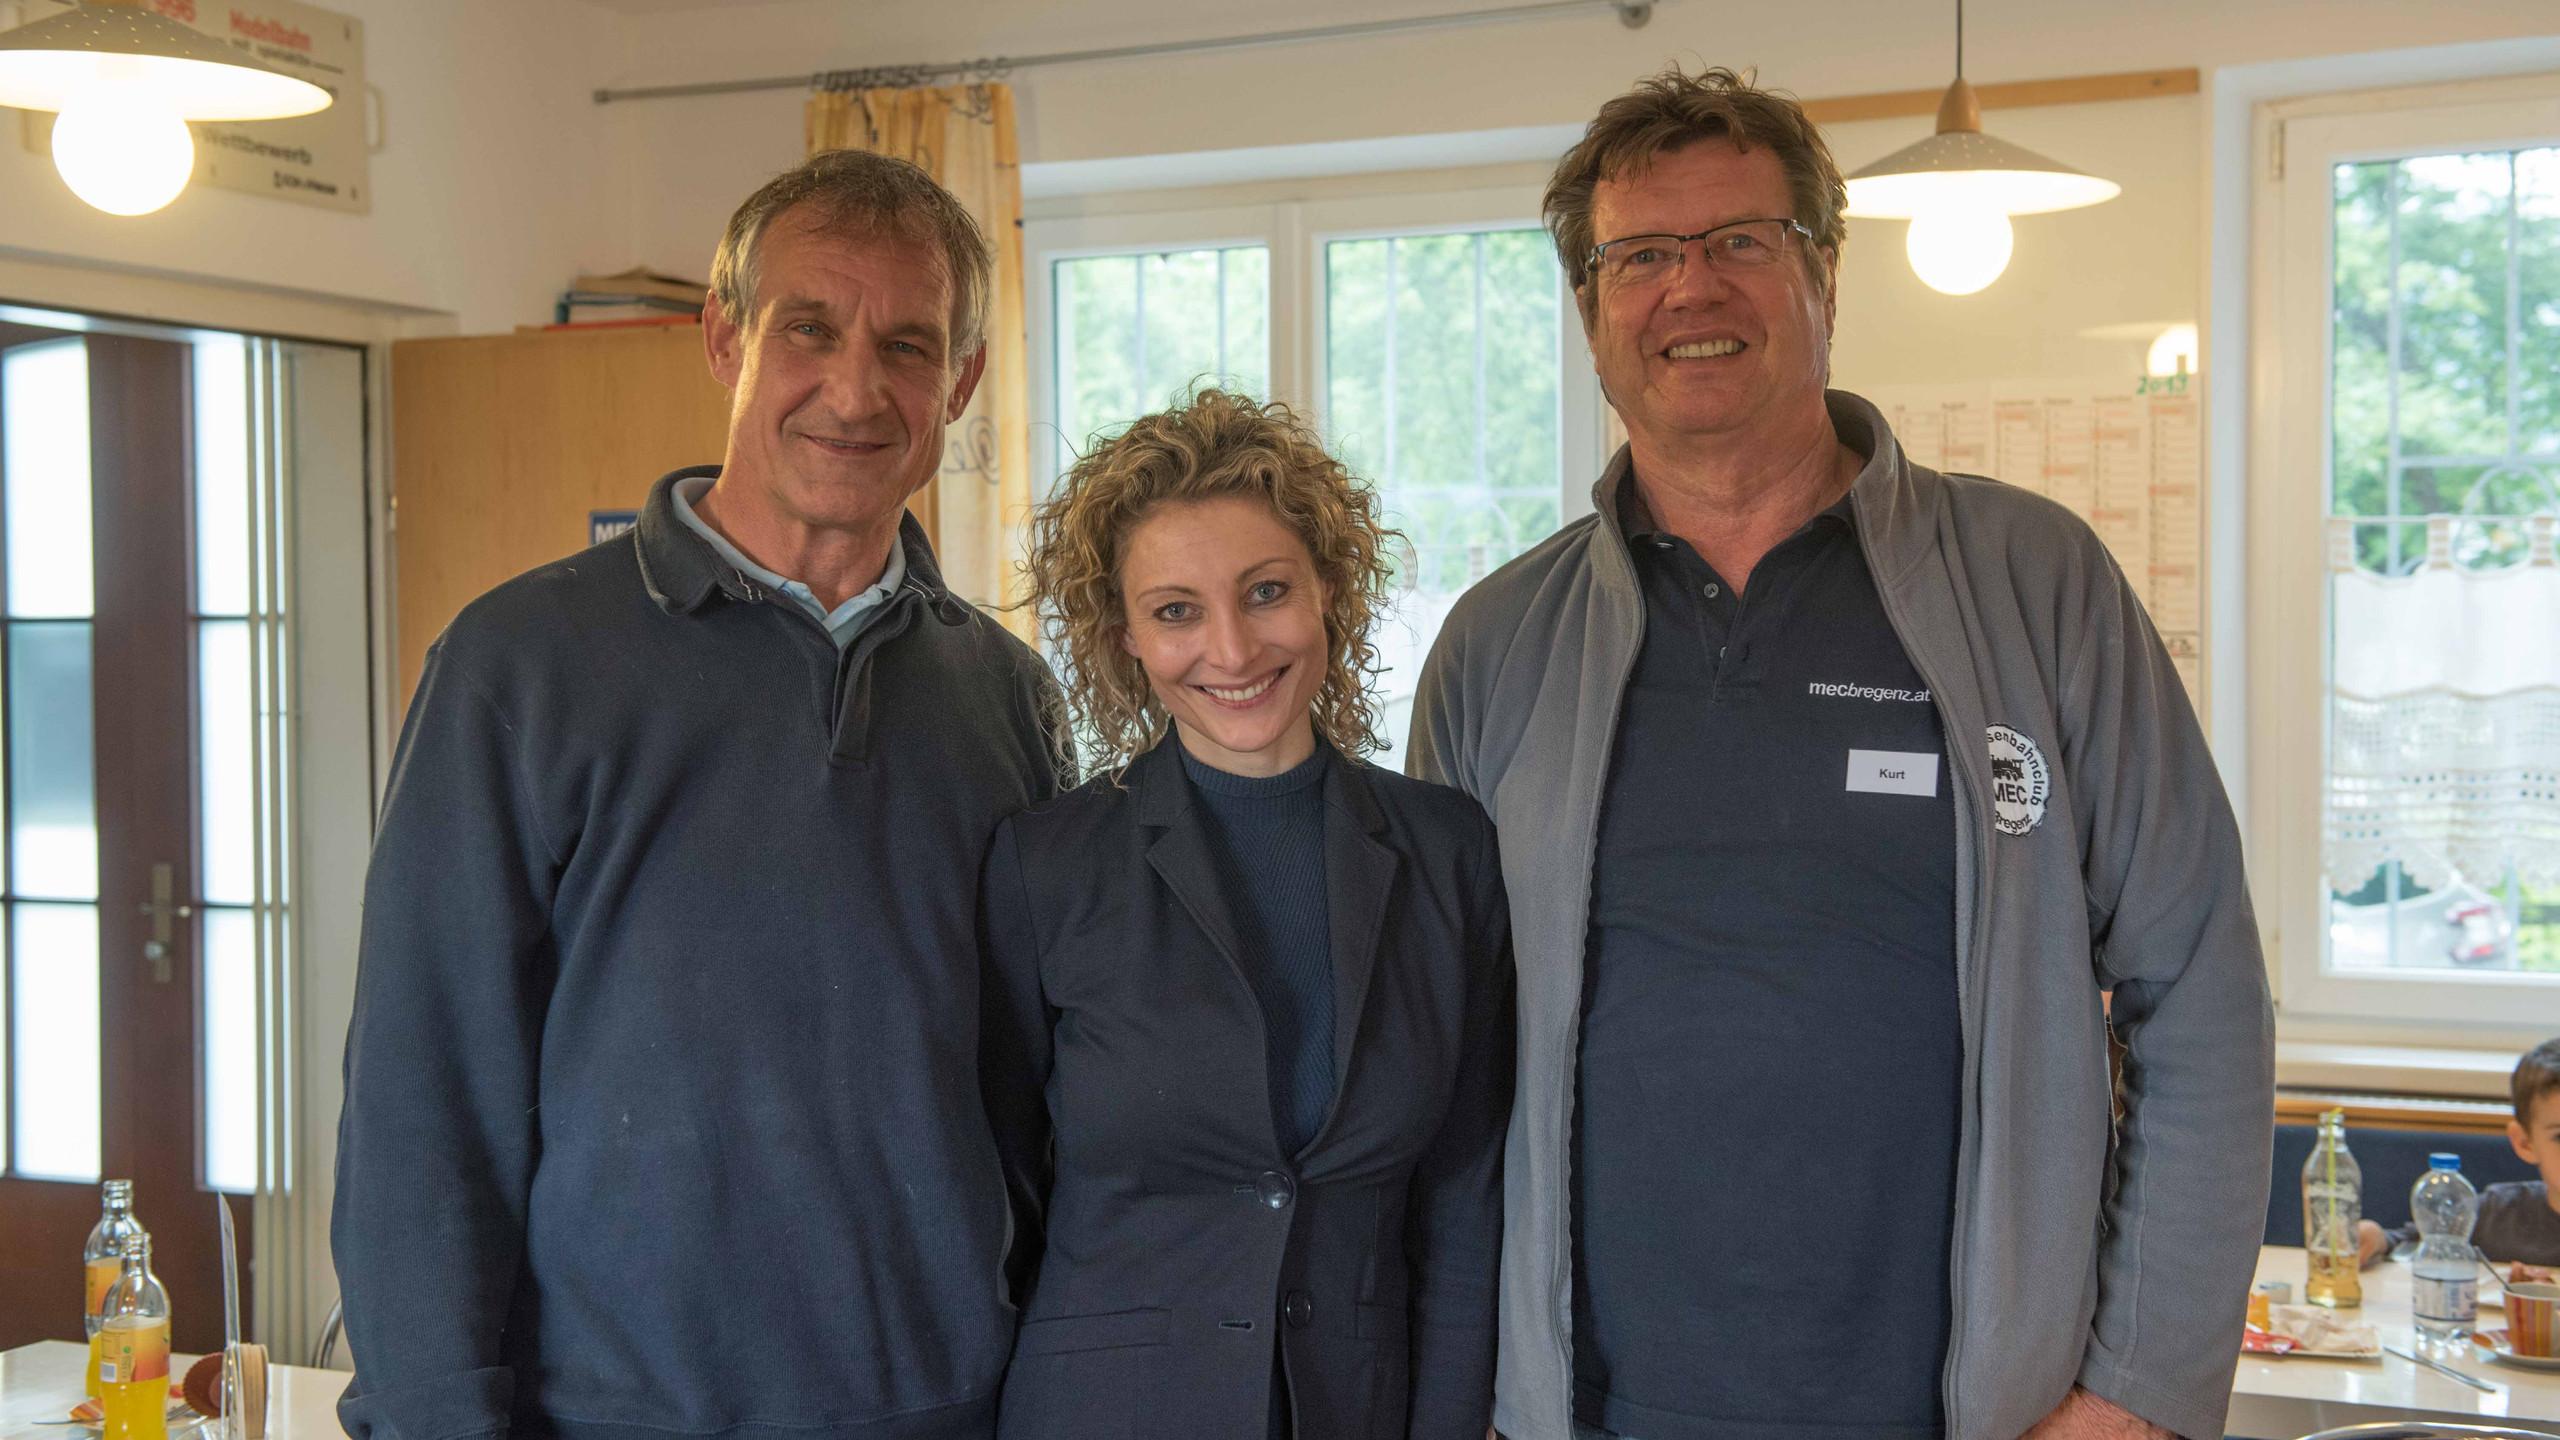 Bgm. Markus Linhart mit Frau Manuela und unserem Vorsitzenden Kurt